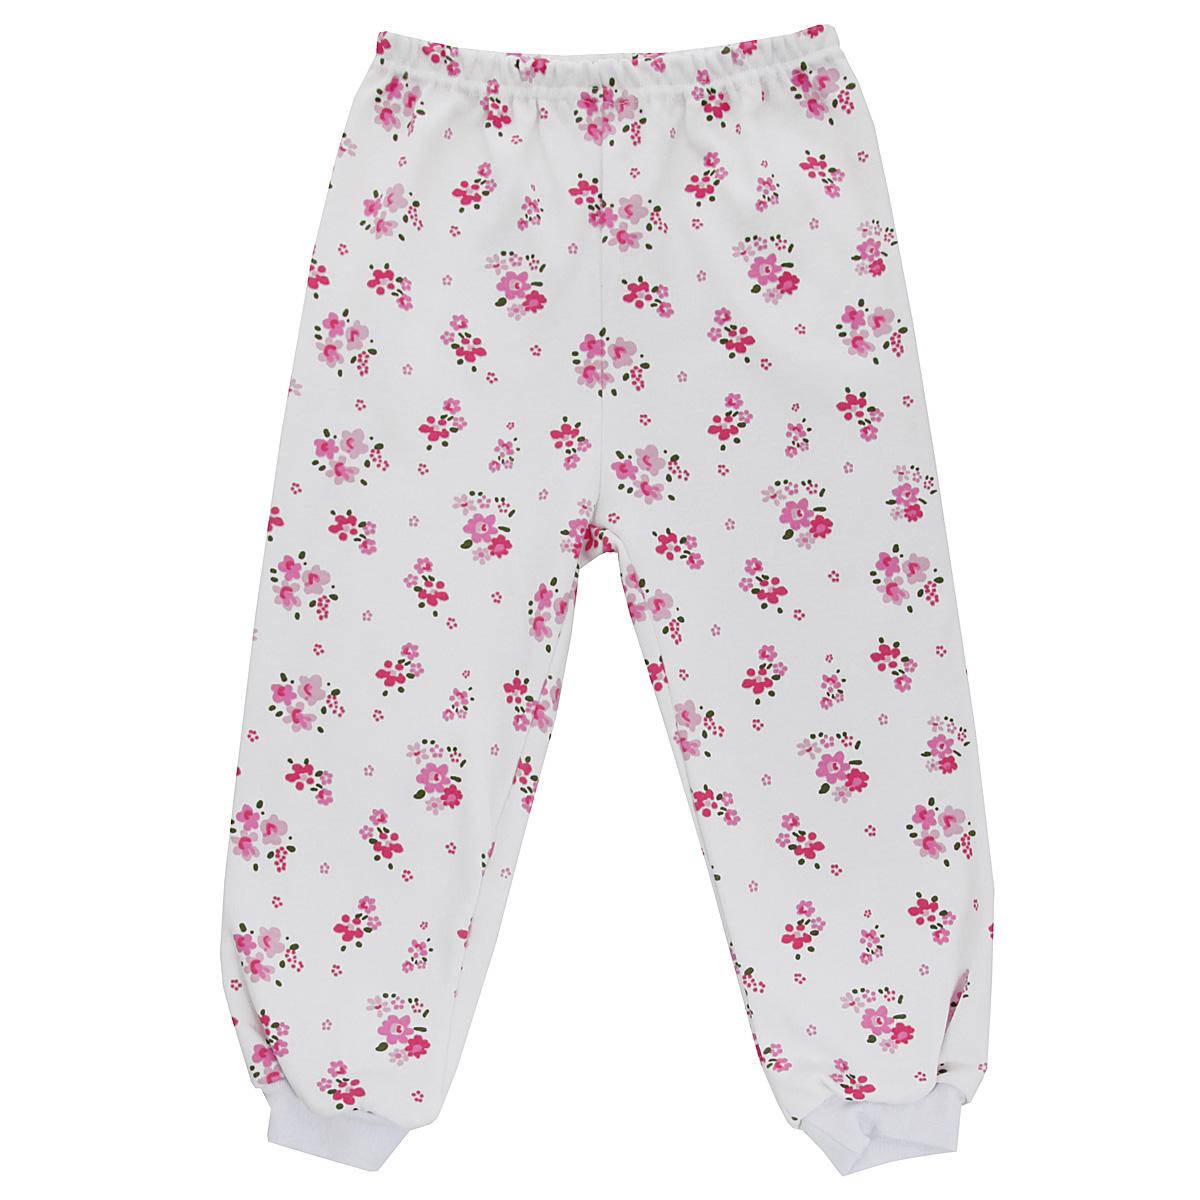 Штанишки для девочки Трон-плюс, цвет: белый, розовый. 5315_цветы. Размер 74, 9 месяцев5315_цветыУдобные штанишки для девочки Трон-плюс идеально подойдут вашей малышке и станут отличным дополнением к детскому гардеробу. Изготовленные из натурального хлопка - интерлока, они необычайно мягкие и легкие, не сковывают движения, позволяют коже дышать и не раздражают даже самую нежную и чувствительную кожу ребенка. Штанишки на талии имеют эластичную резинку, благодаря чему они не сдавливают животик ребенка и не сползают. Низ штанишек дополнен широкими эластичными манжетами. Оформлена модель ненавязчивым цветочным принтом. В таких штанишках ваша дочурка будет чувствовать себя комфортно и уютно.